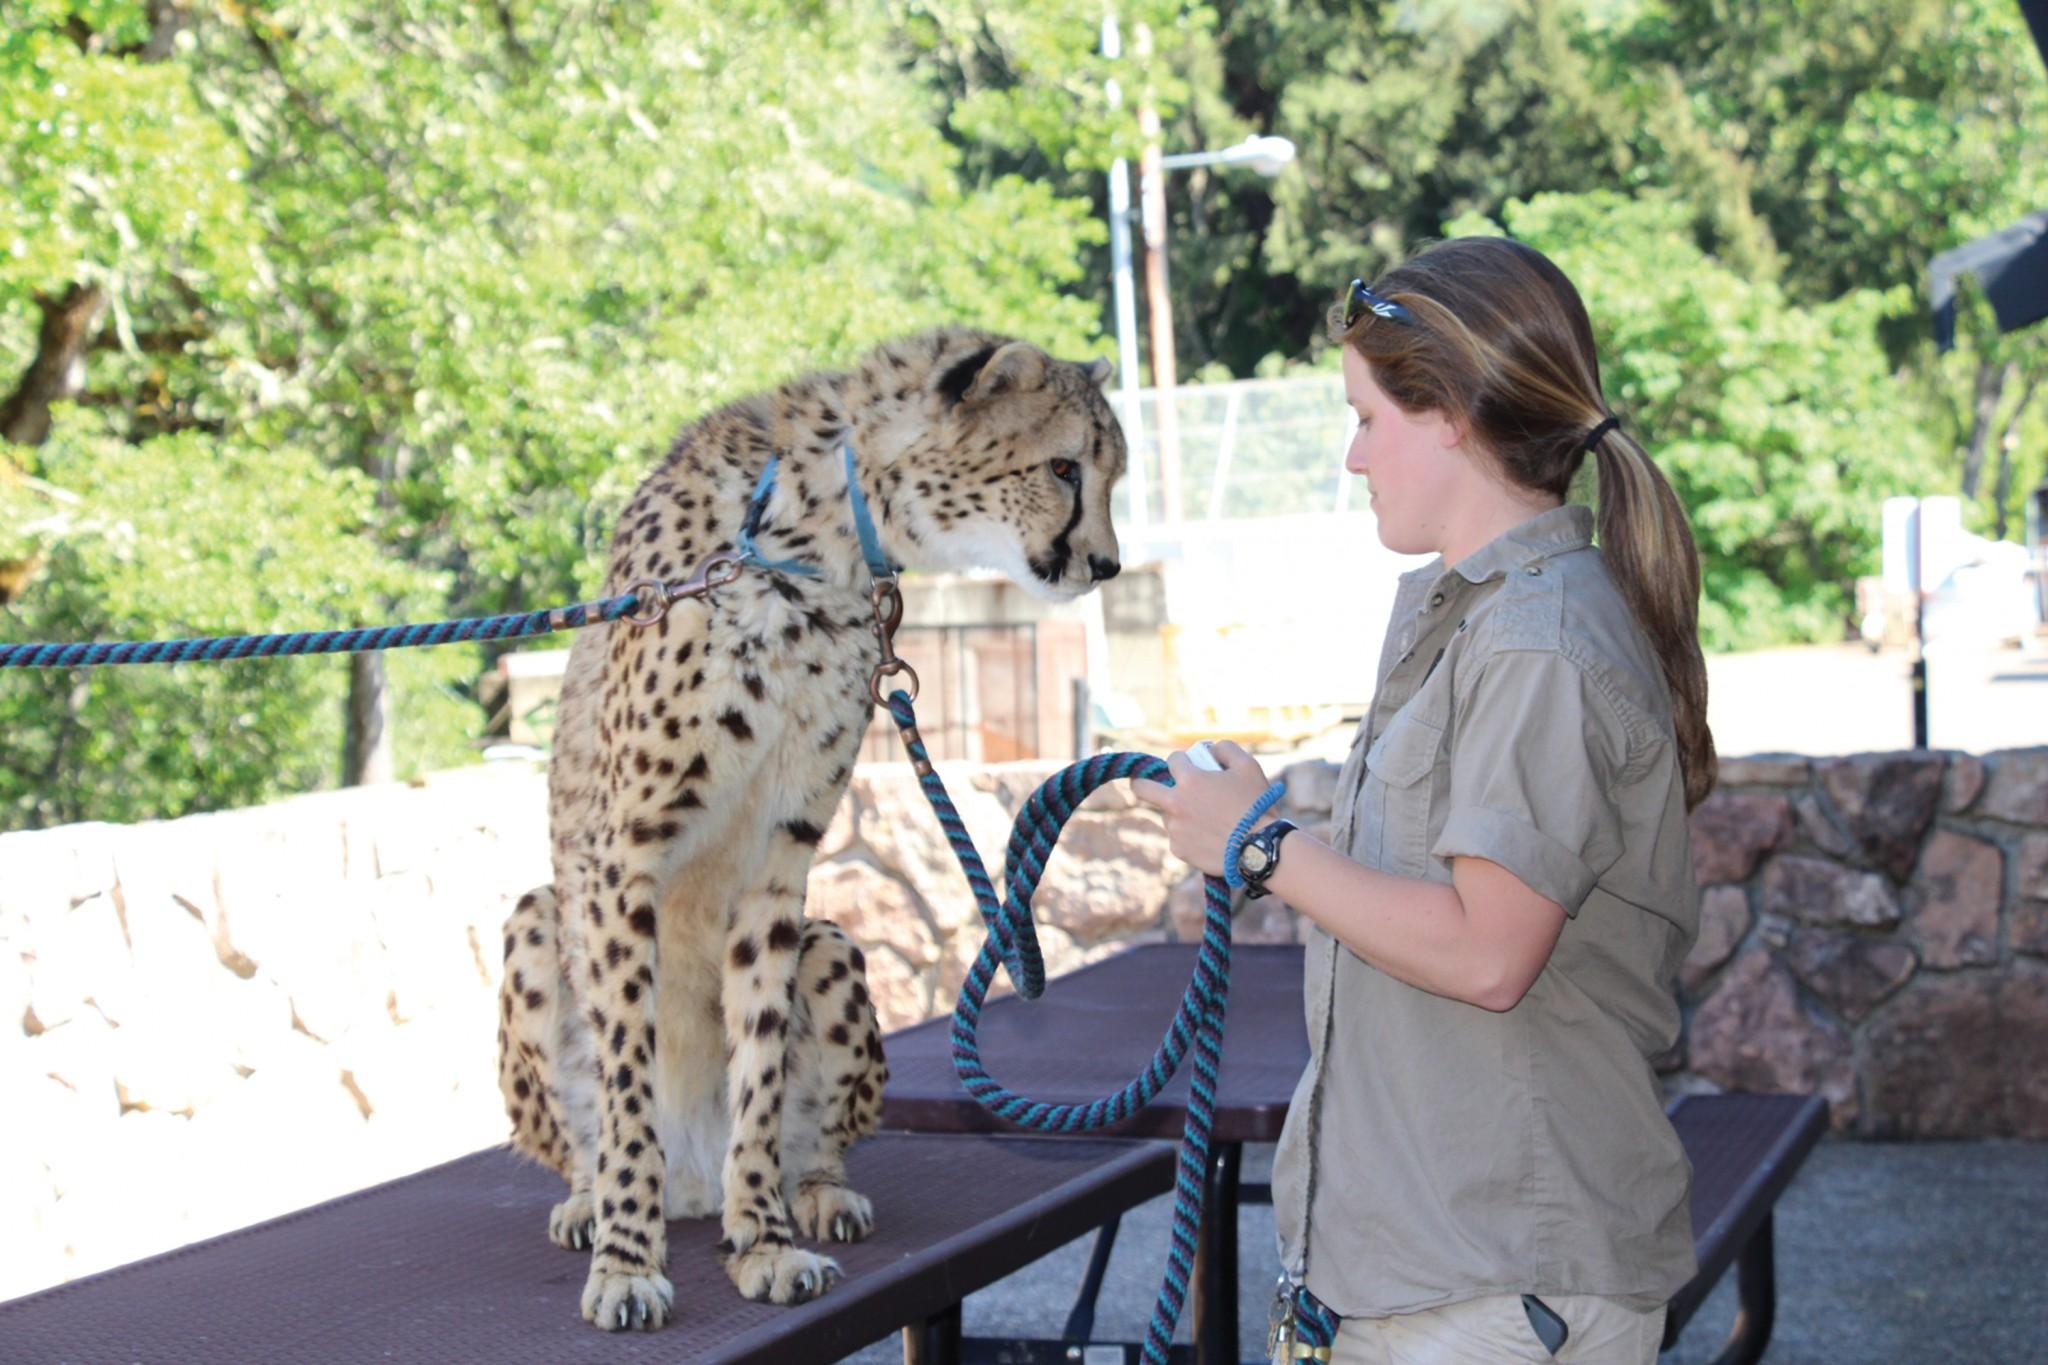 wildlife safari picture #2